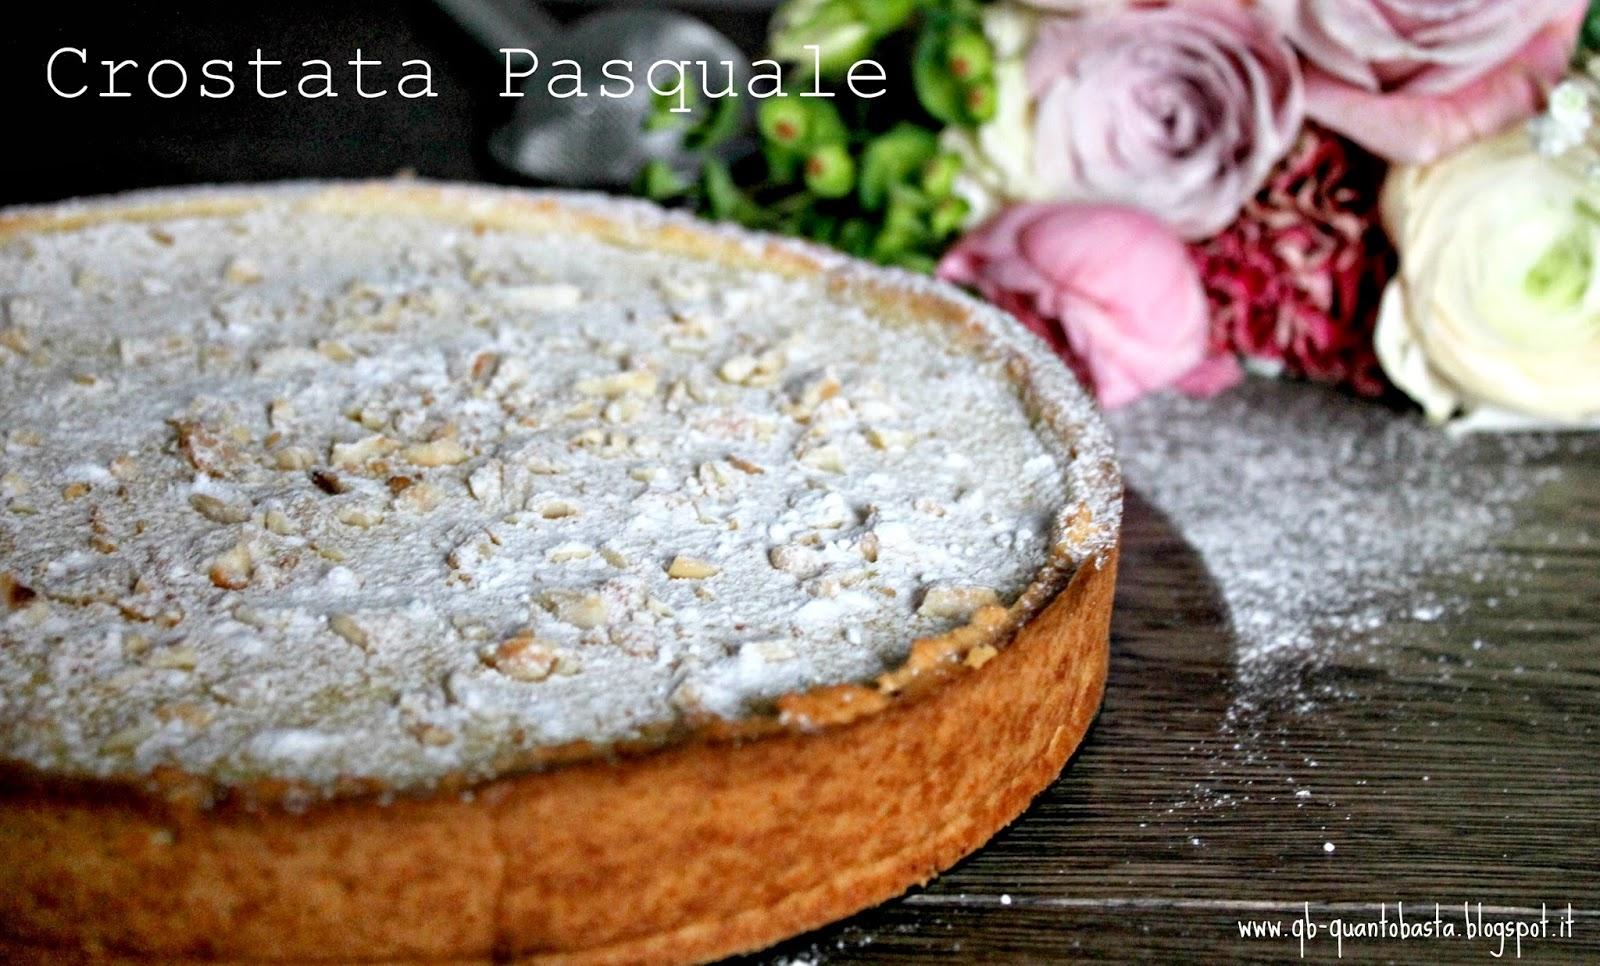 Q.b.-Quanto Basta: Crostata con colomba pasquale, confettura di ribes e crema leggera